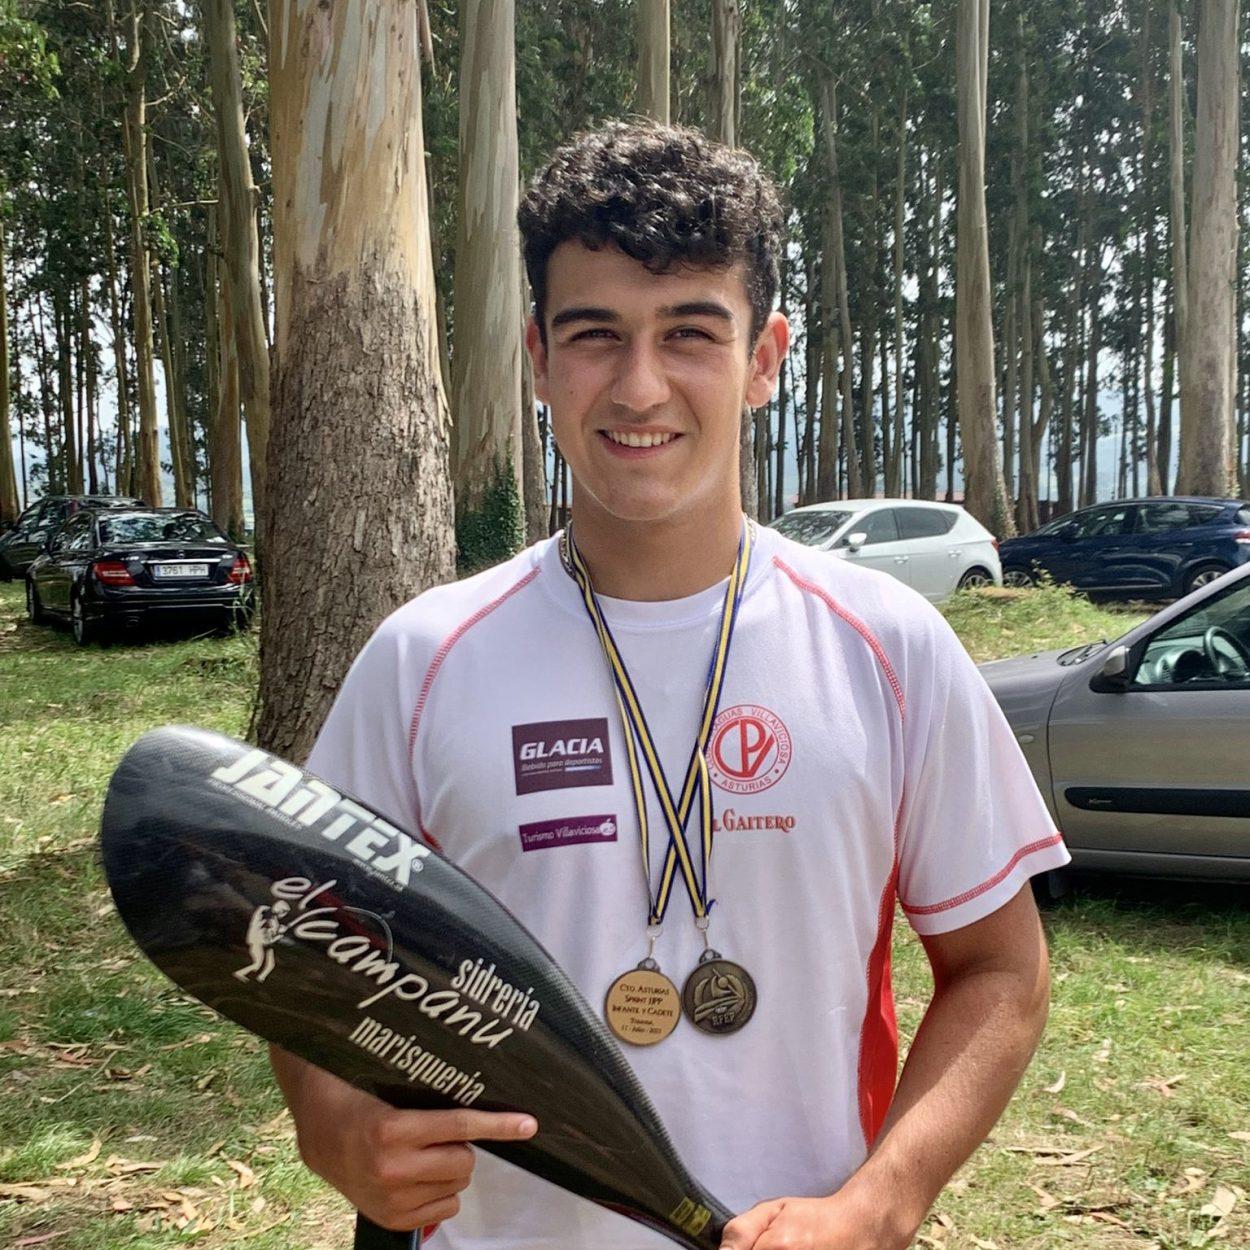 Doble medalla de oro para el riosellano Javi García en el regional de Jóvenes Promesas